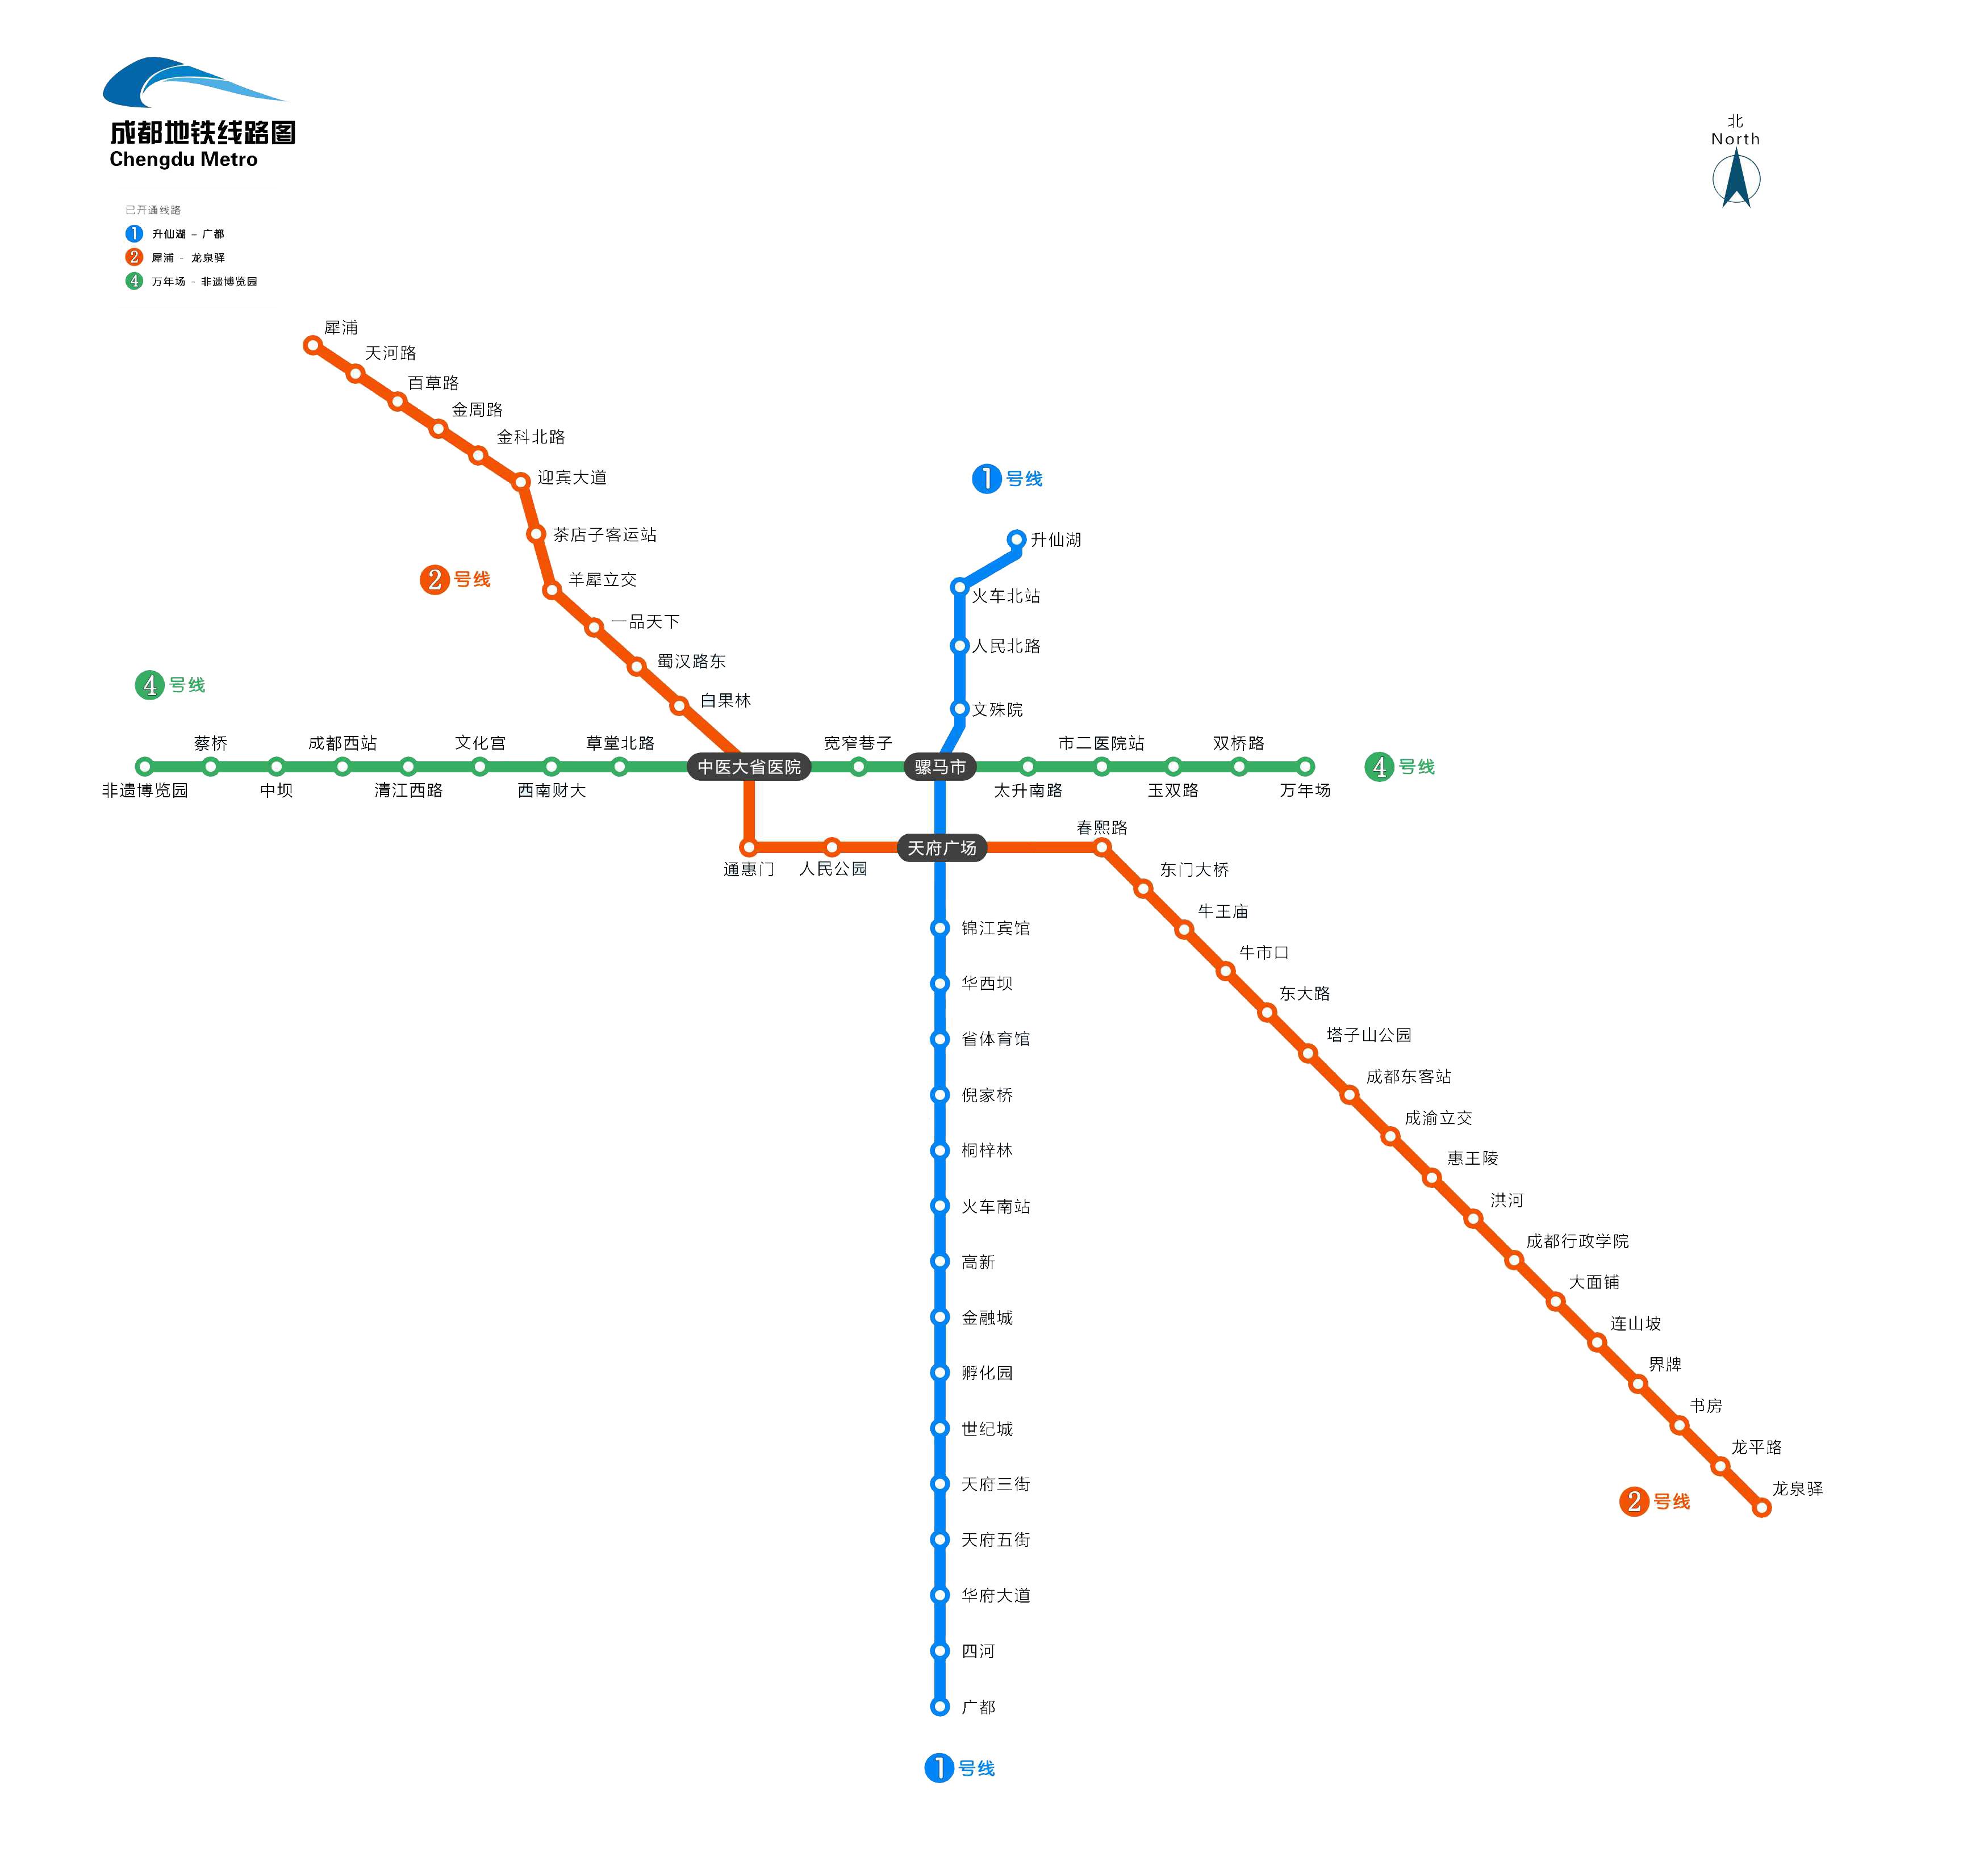 成都地铁线路图_成都地铁规划图_成都地铁规划线路图